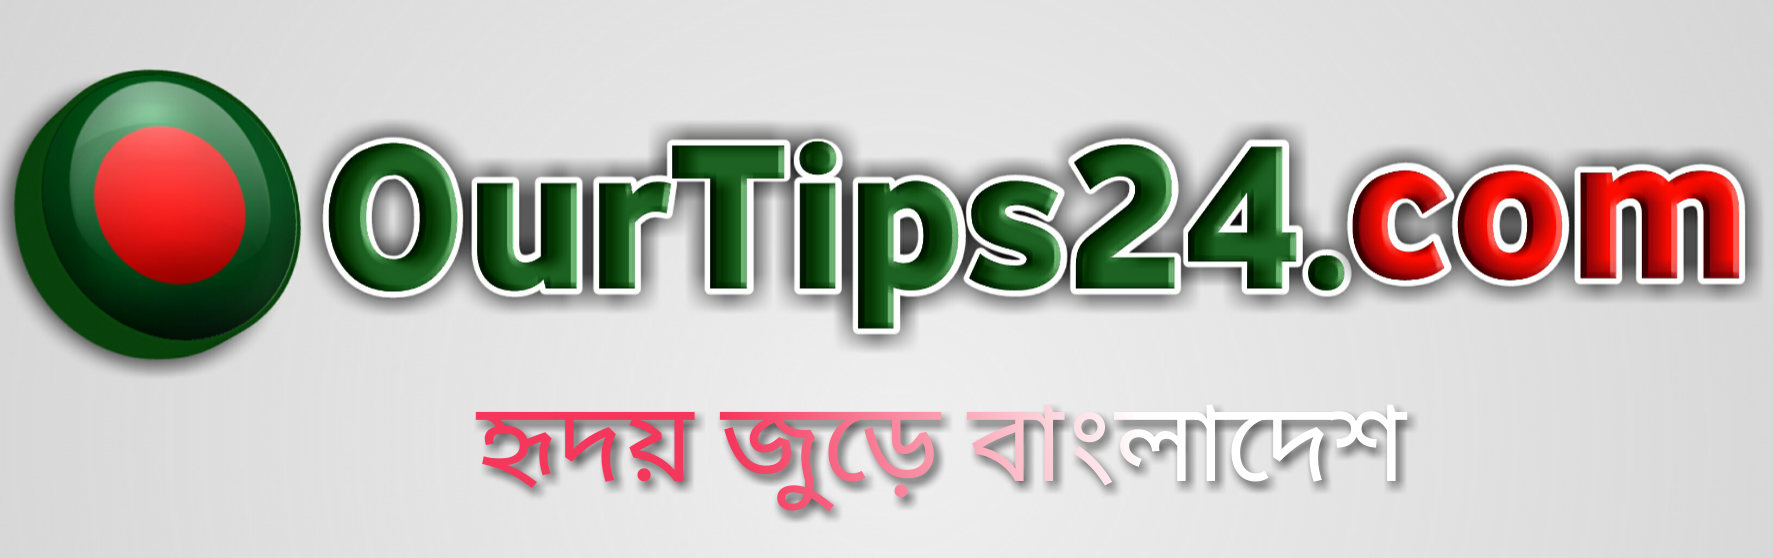 OurTips24.com